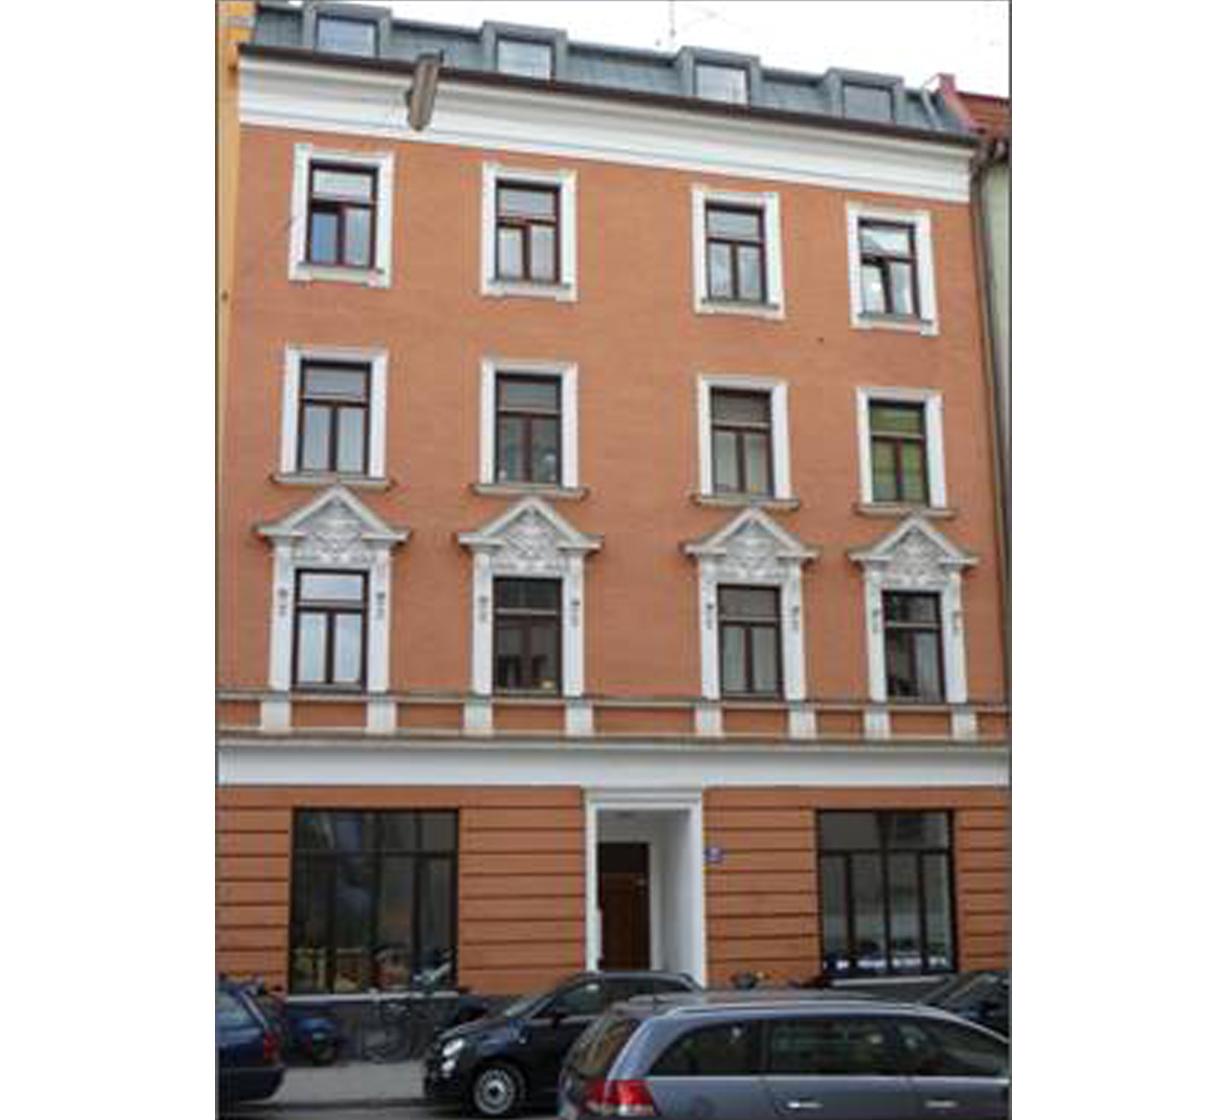 Wohn- und Geschäftshaus, denkmalgeschützt, in München